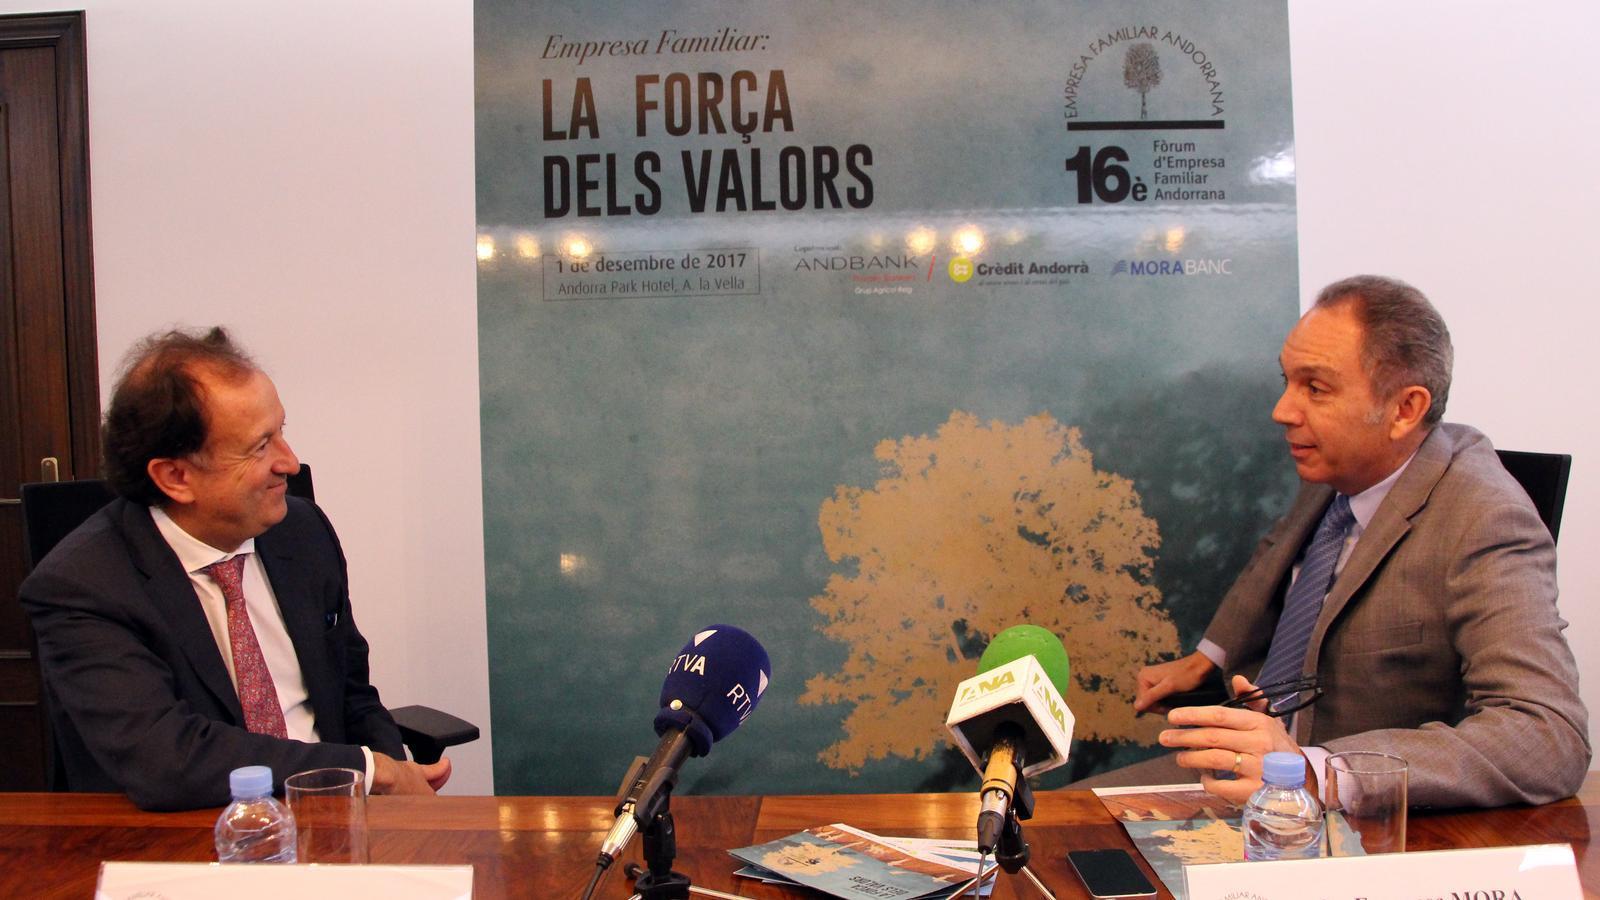 El secretari tècnic de l'EFA, Joan Tomàs, i el president de l'EFA, Francesc Mora, presenten el 16è fòrum de l'entitat. / C.G. (ANA)